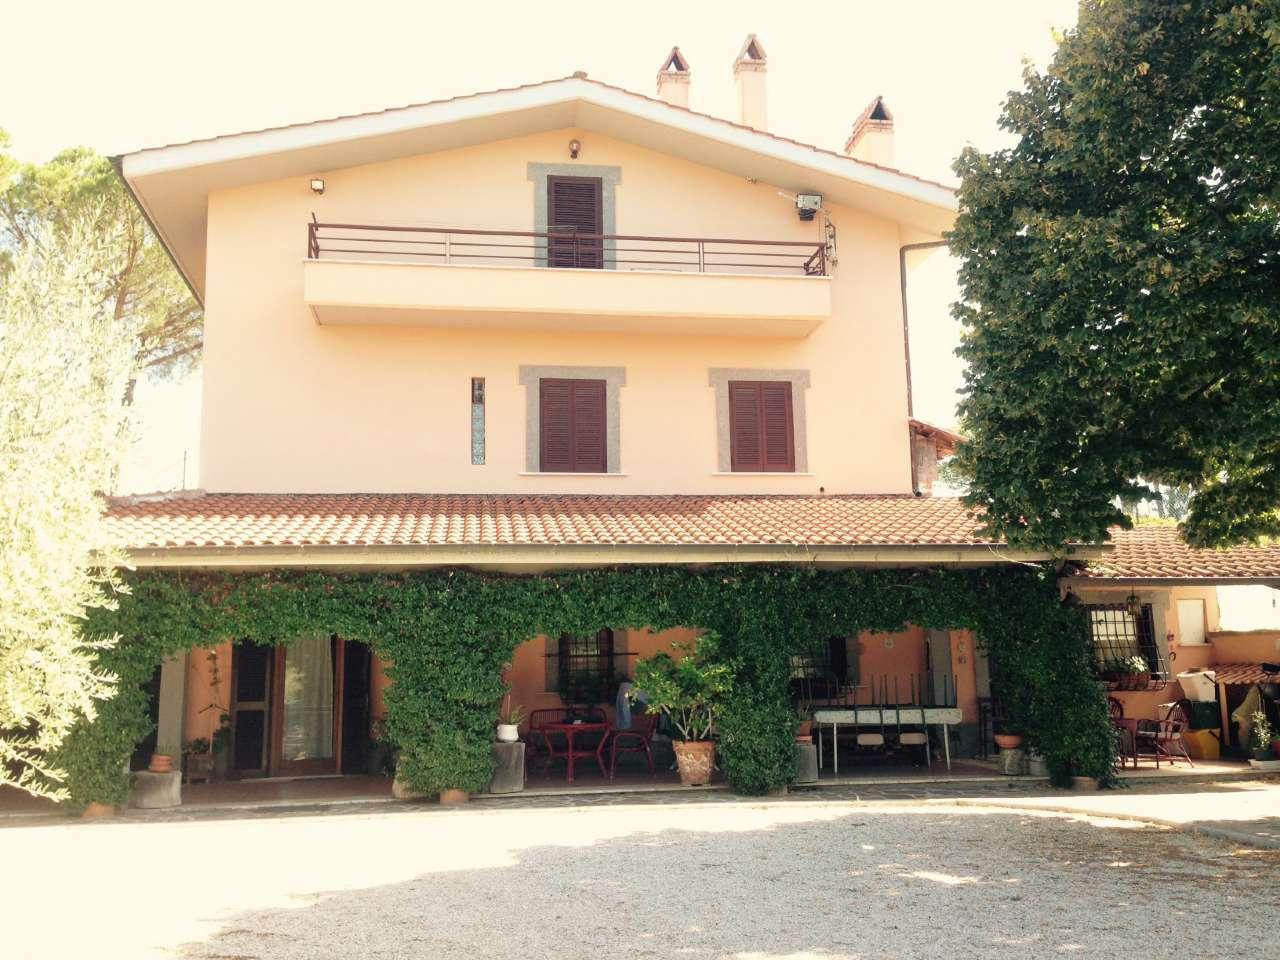 Soluzione Indipendente in vendita a Frascati, 6 locali, prezzo € 550.000 | CambioCasa.it